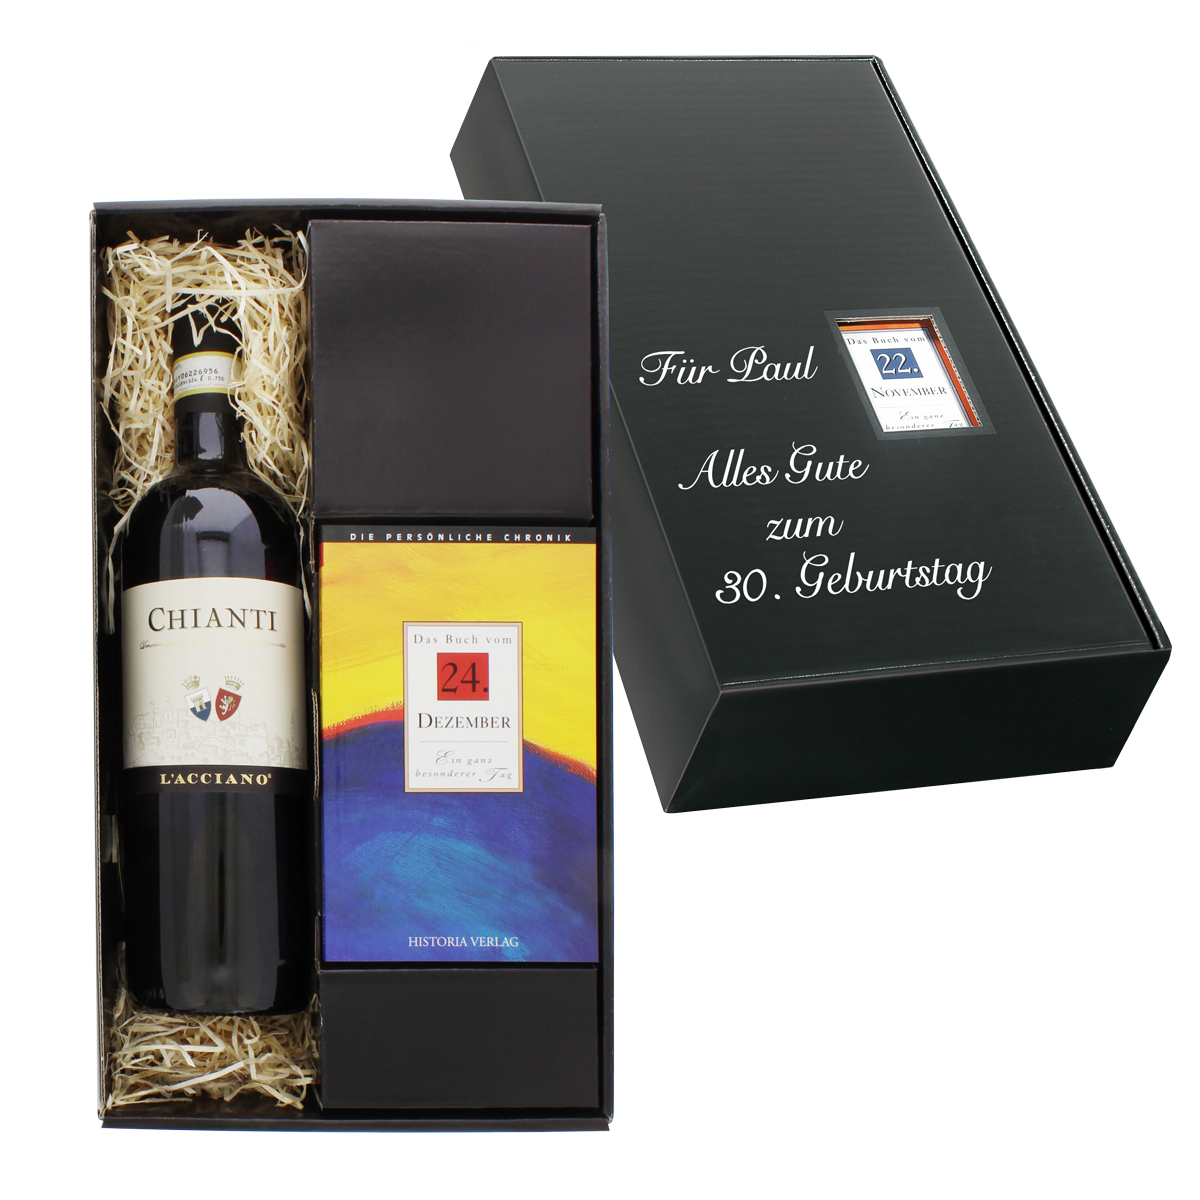 Italien-Set: Tageschronik vom 11. Oktober & Chianti-Wein